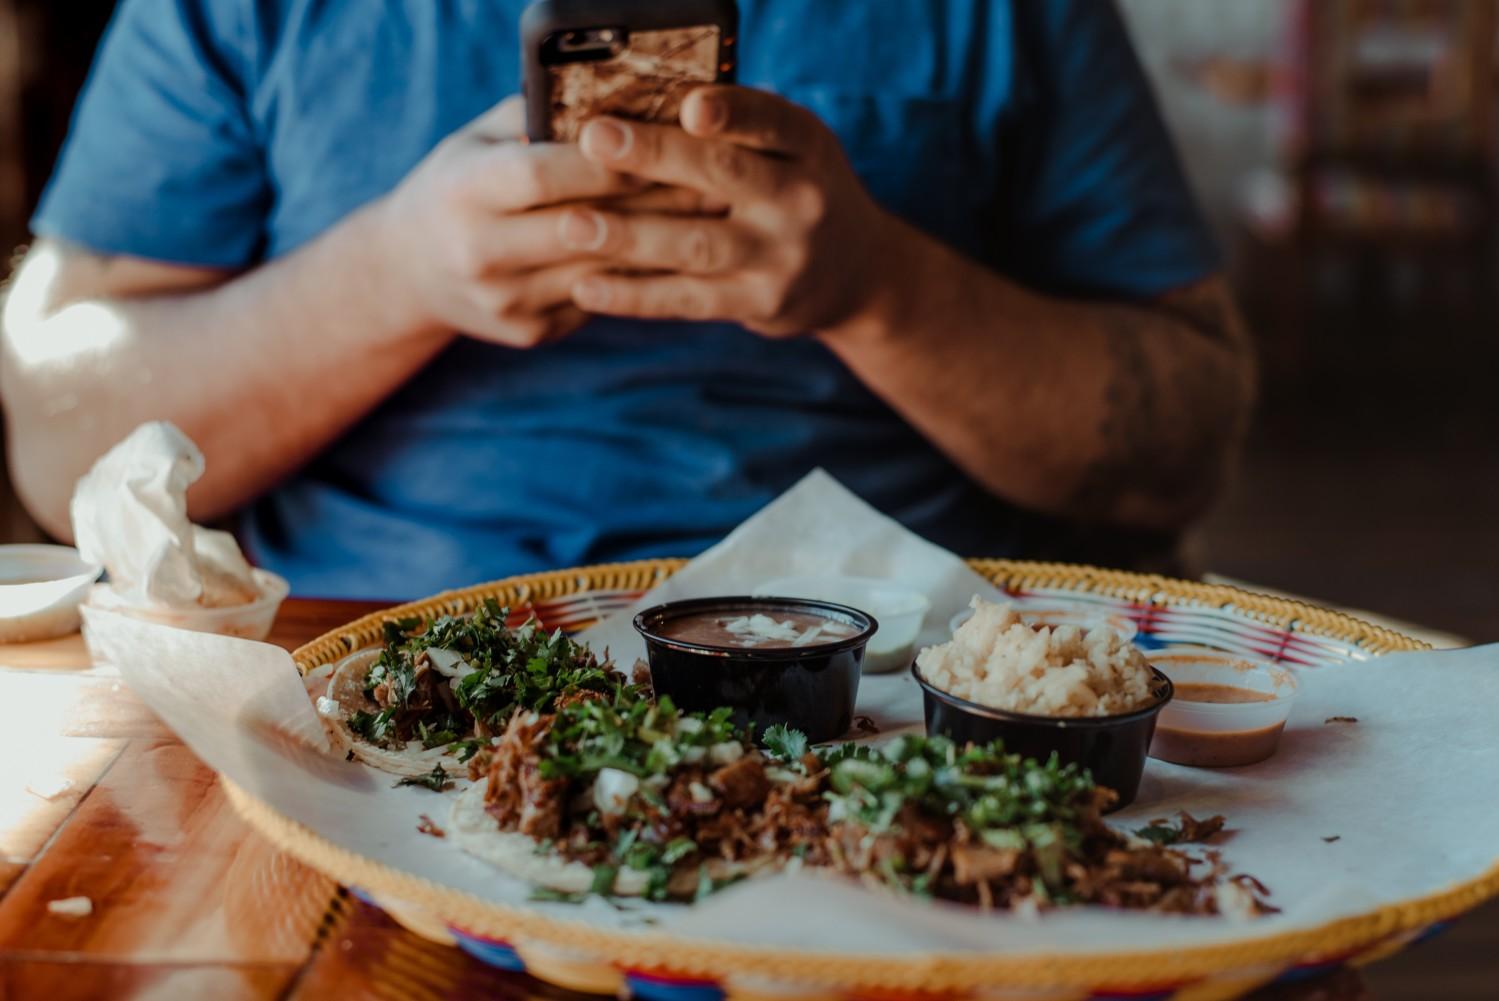 Restaurantes Mexicanos en Brooklyn Demandados por Violaciones de Pago